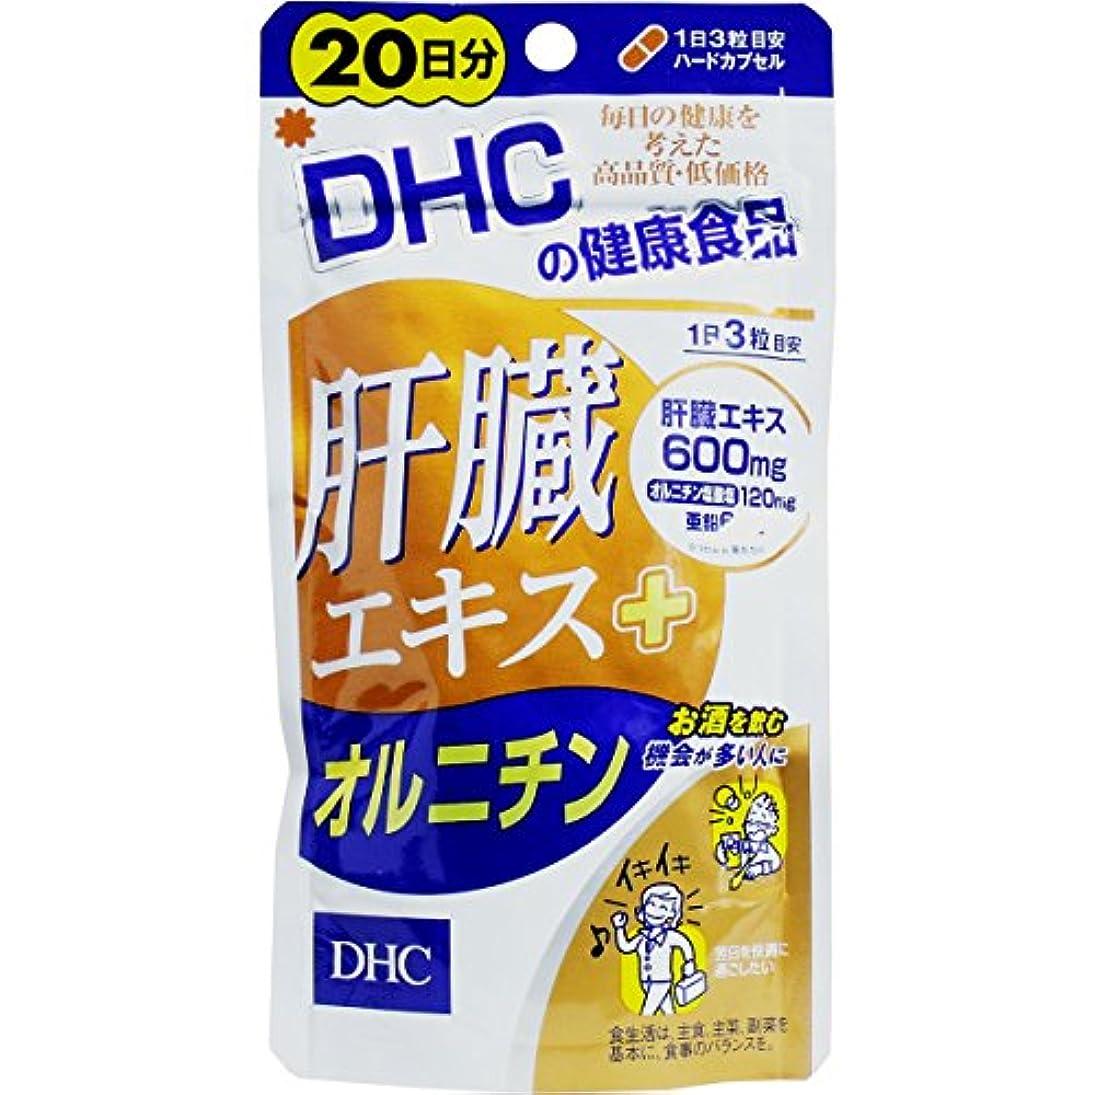 液体食い違いぴかぴかDHC 肝臓エキス+オルニチン 20日分 60粒 ×2個セット